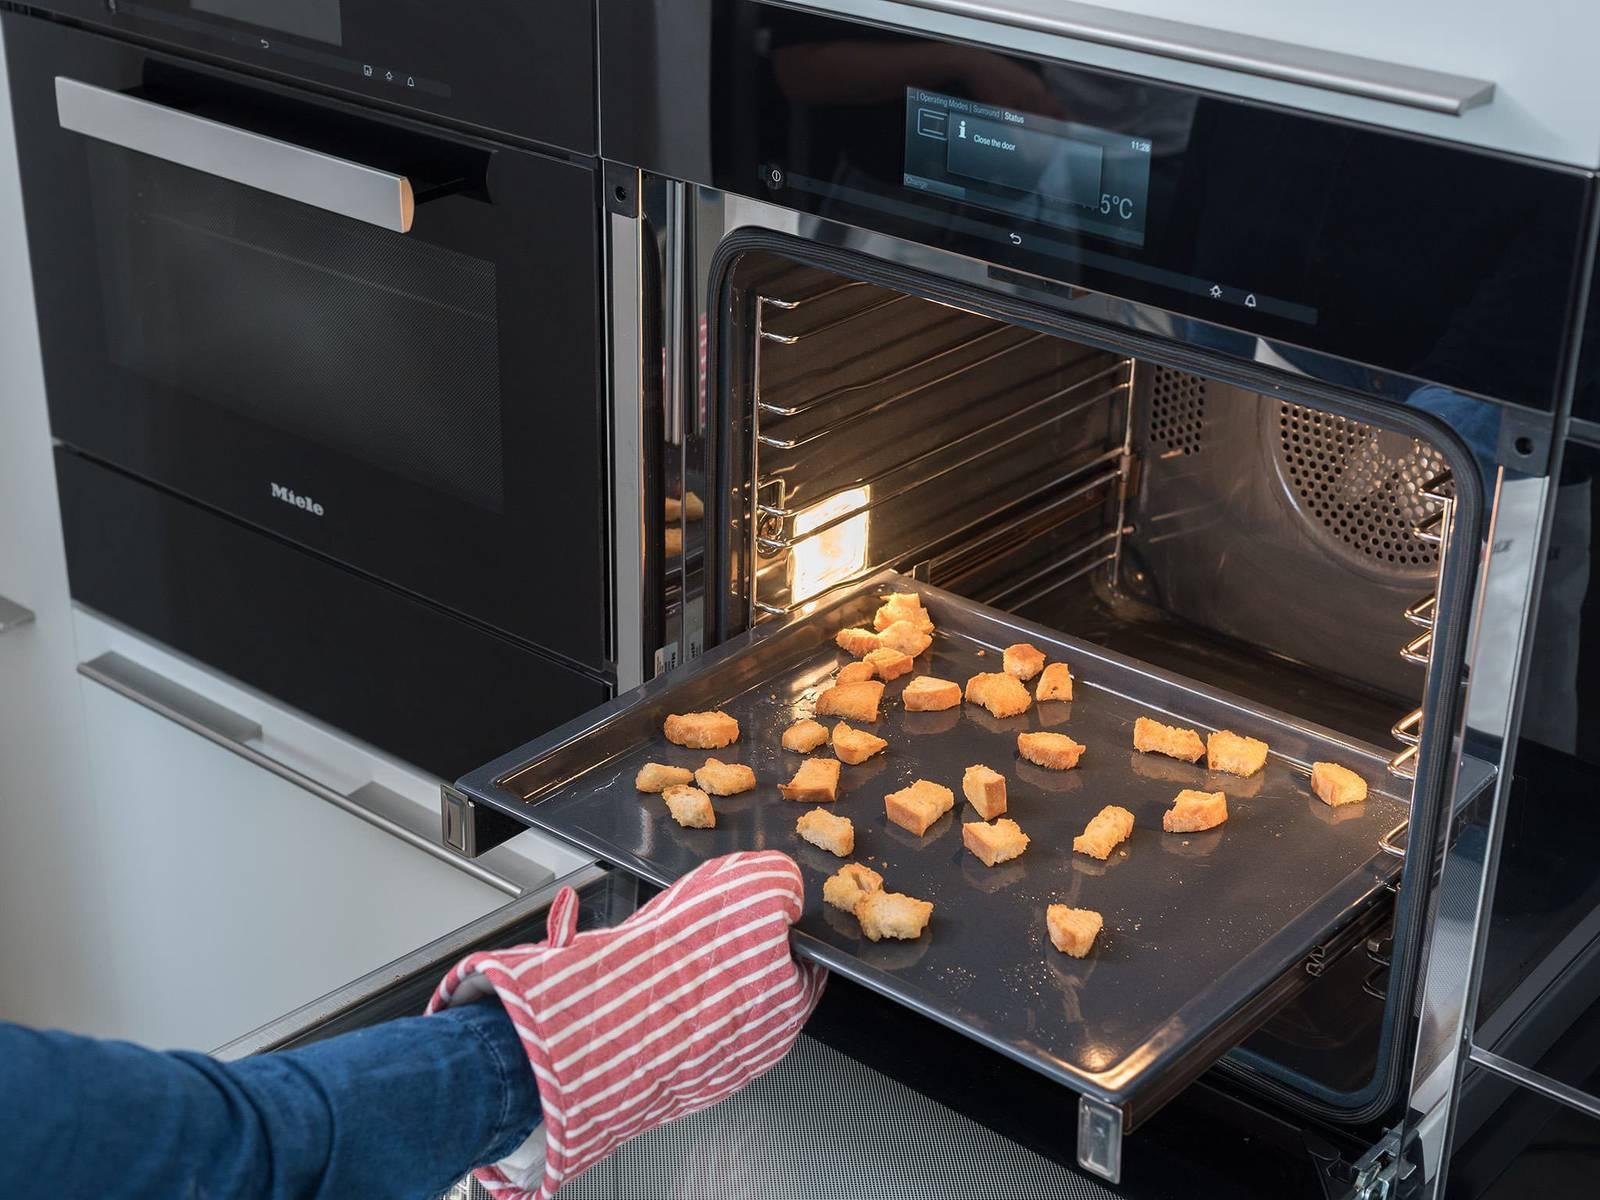 将面包丁放到烤盘中,以175℃烤20分钟,直至面包丁焦脆且稍微呈棕色。与此同时,将牛油果切片,大略剁碎香菜和薄荷。将凉菜汤倒入小碗中,饰以牛油果、草本和面包丁。撒盐与胡椒调味。尽情享用吧!